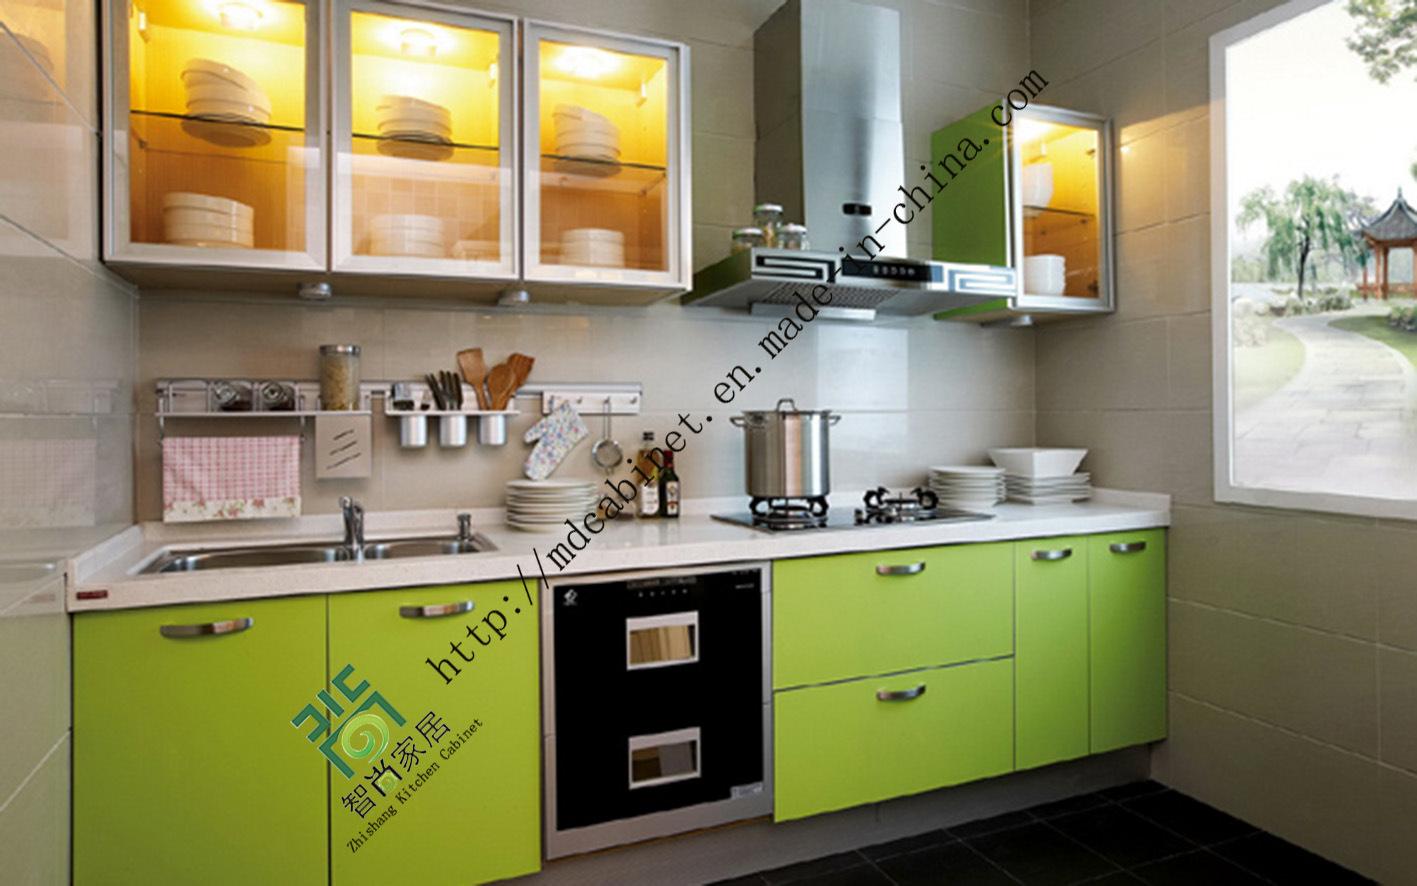 28 melamine kitchen cabinets china melamine kitchen for China made kitchen cabinets